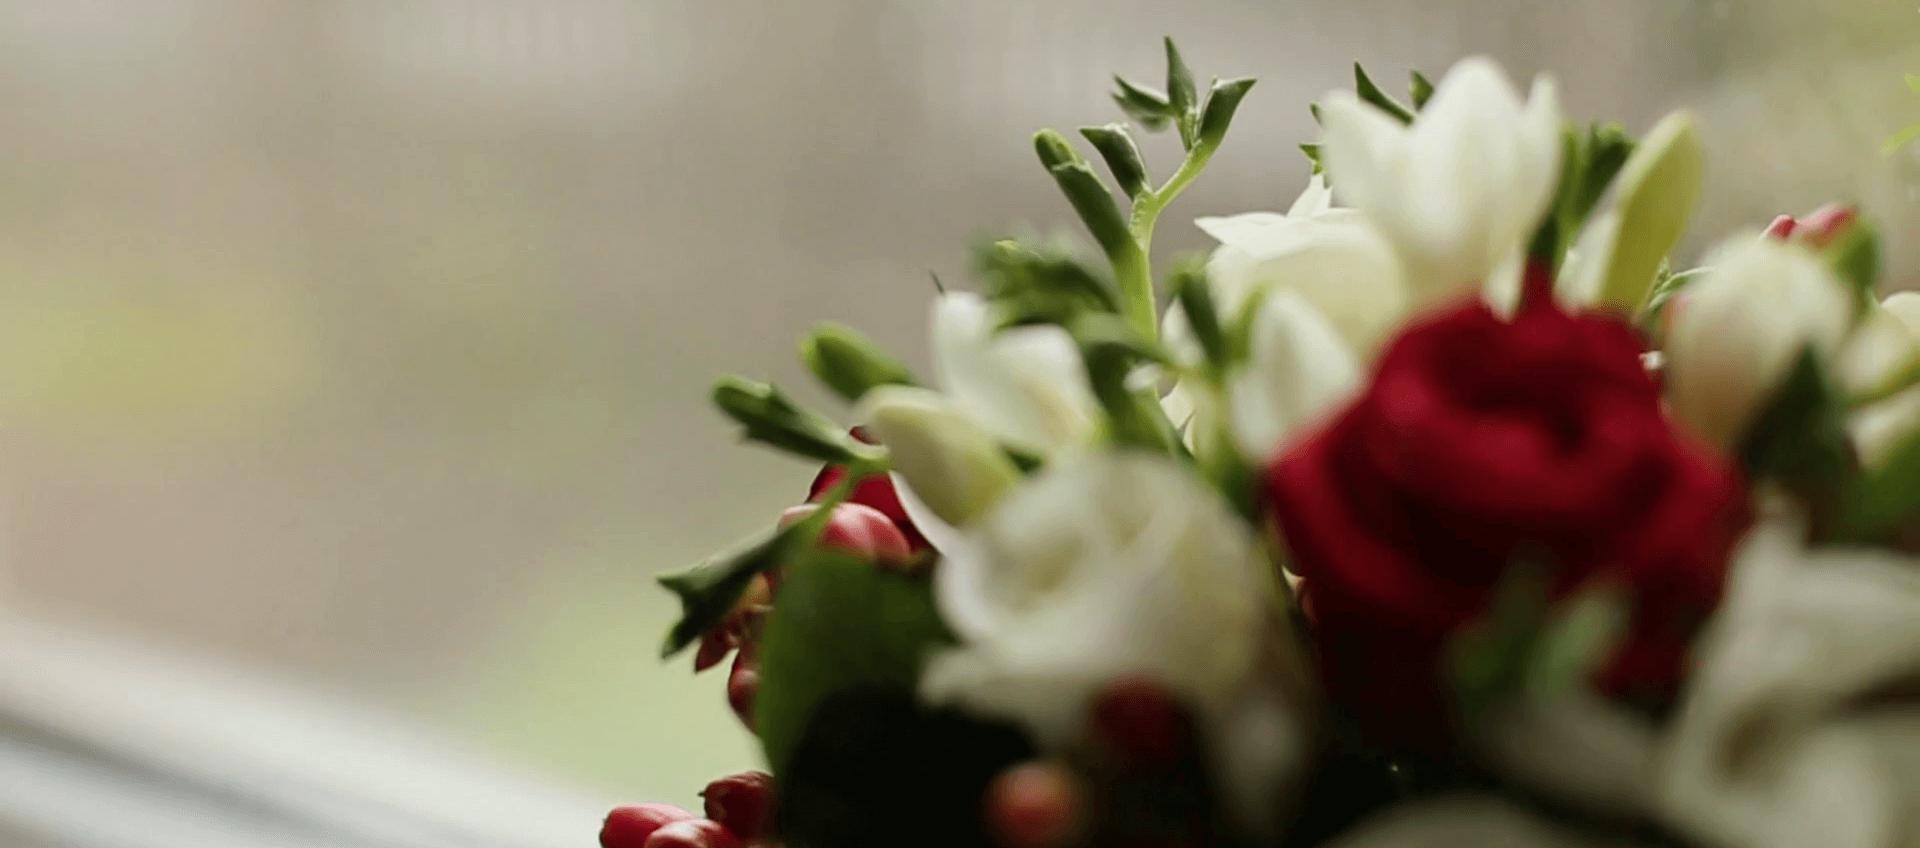 فروش گل محلات